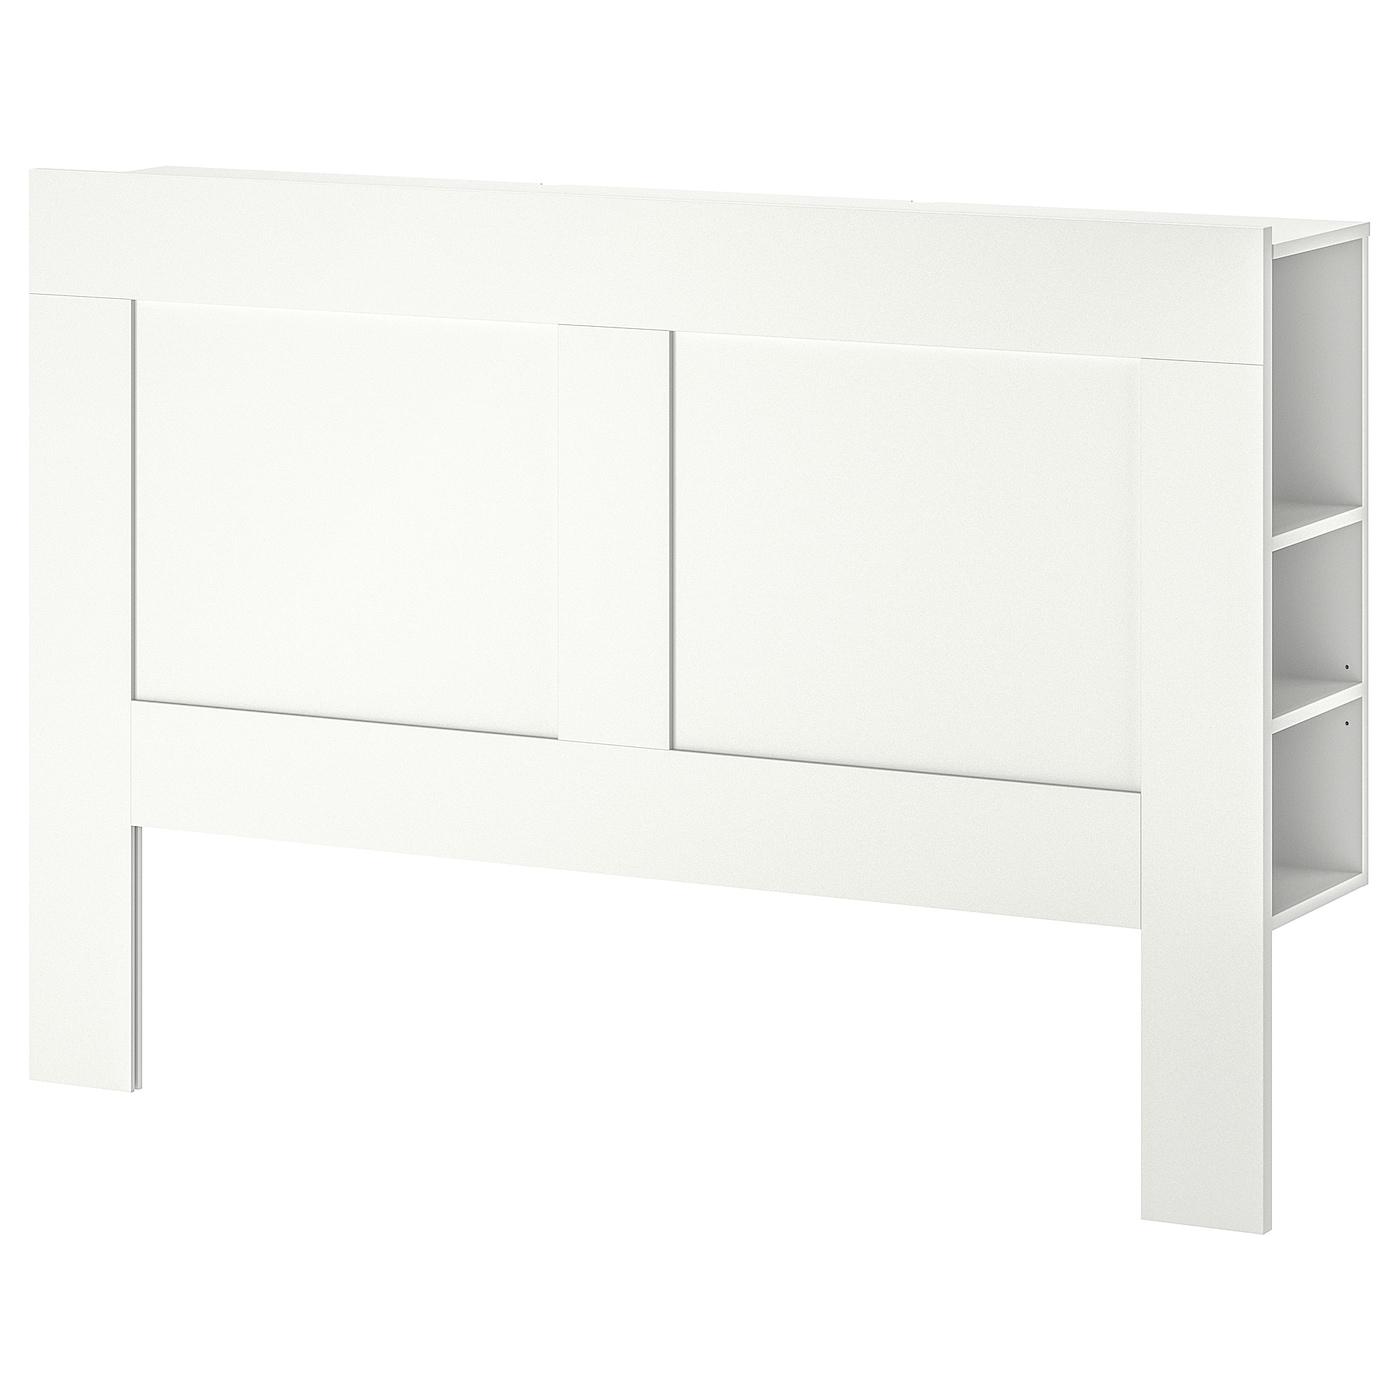 Tete De Lit Ikea Bois brimnes tête de lit avec rangement, blanc